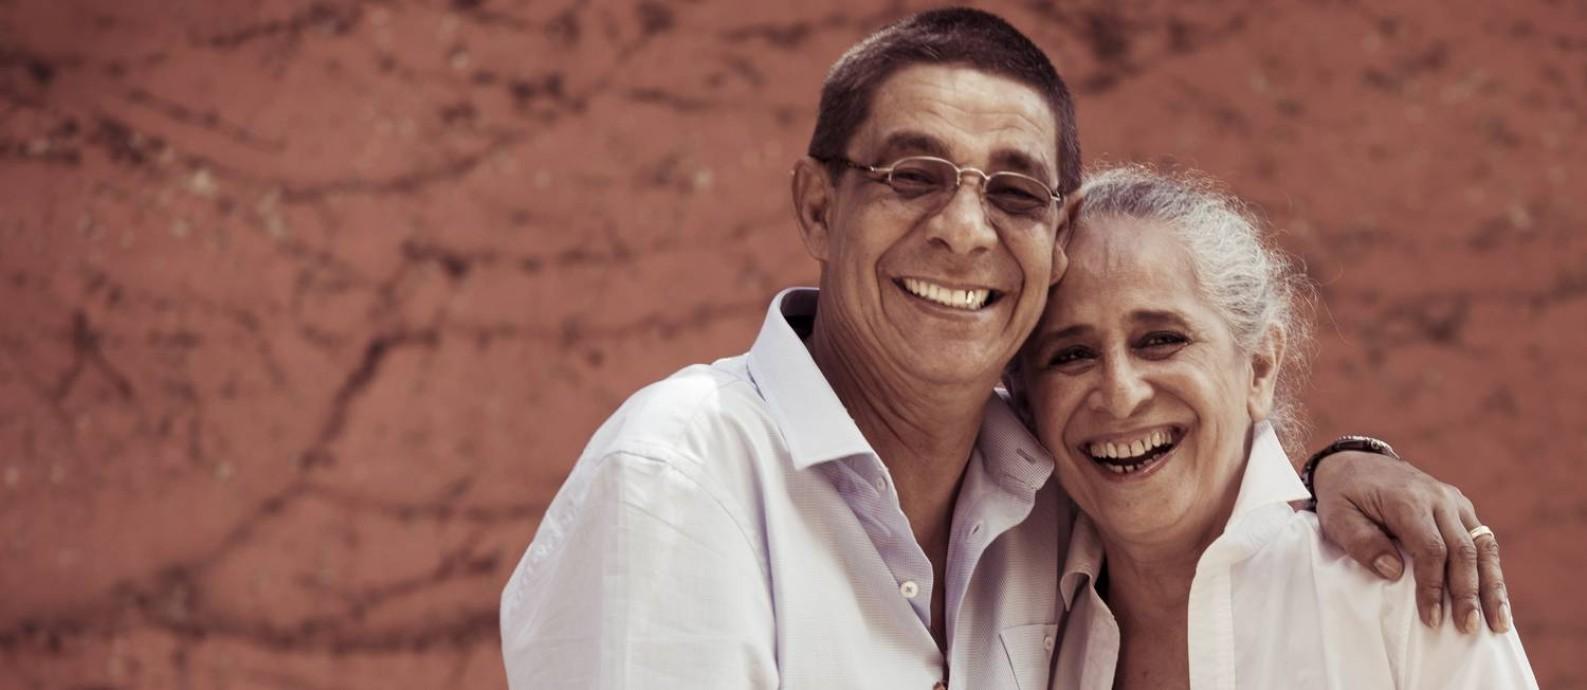 Maria Bethânia e Zeca Pagodinho, que lançam turnê no Recife Foto: Leo Martins / Agência O Globo